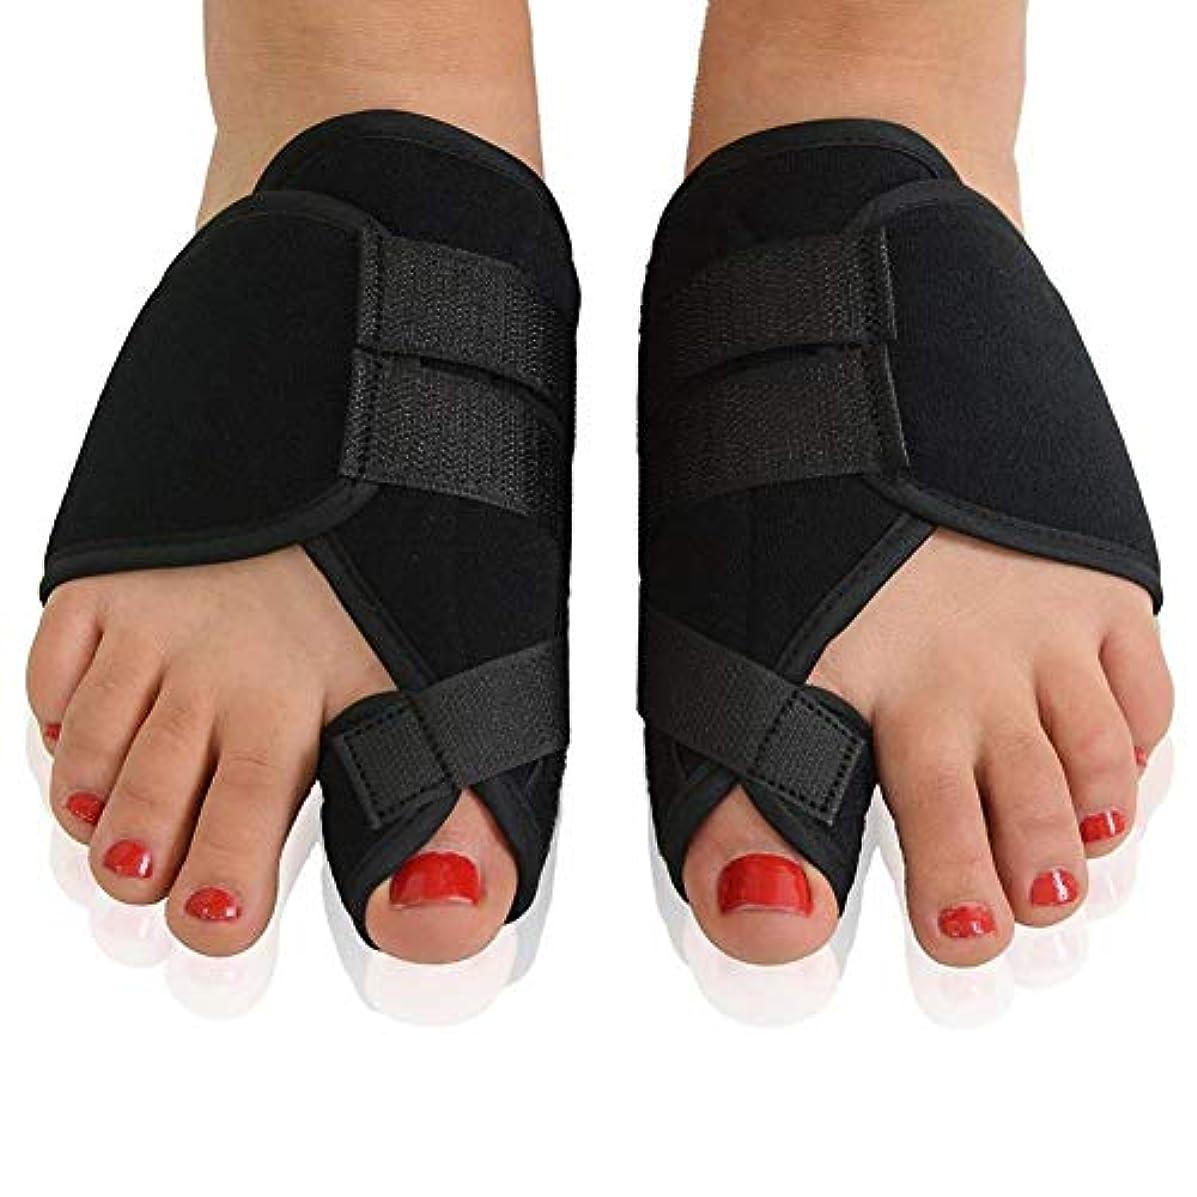 送る物語温度Nighttime Bunion Corrector Toe Straightener、1組の整形外科用Bunion Splintsビッグトゥストレートナー、女性用Bunion Splint Protector Bunion...